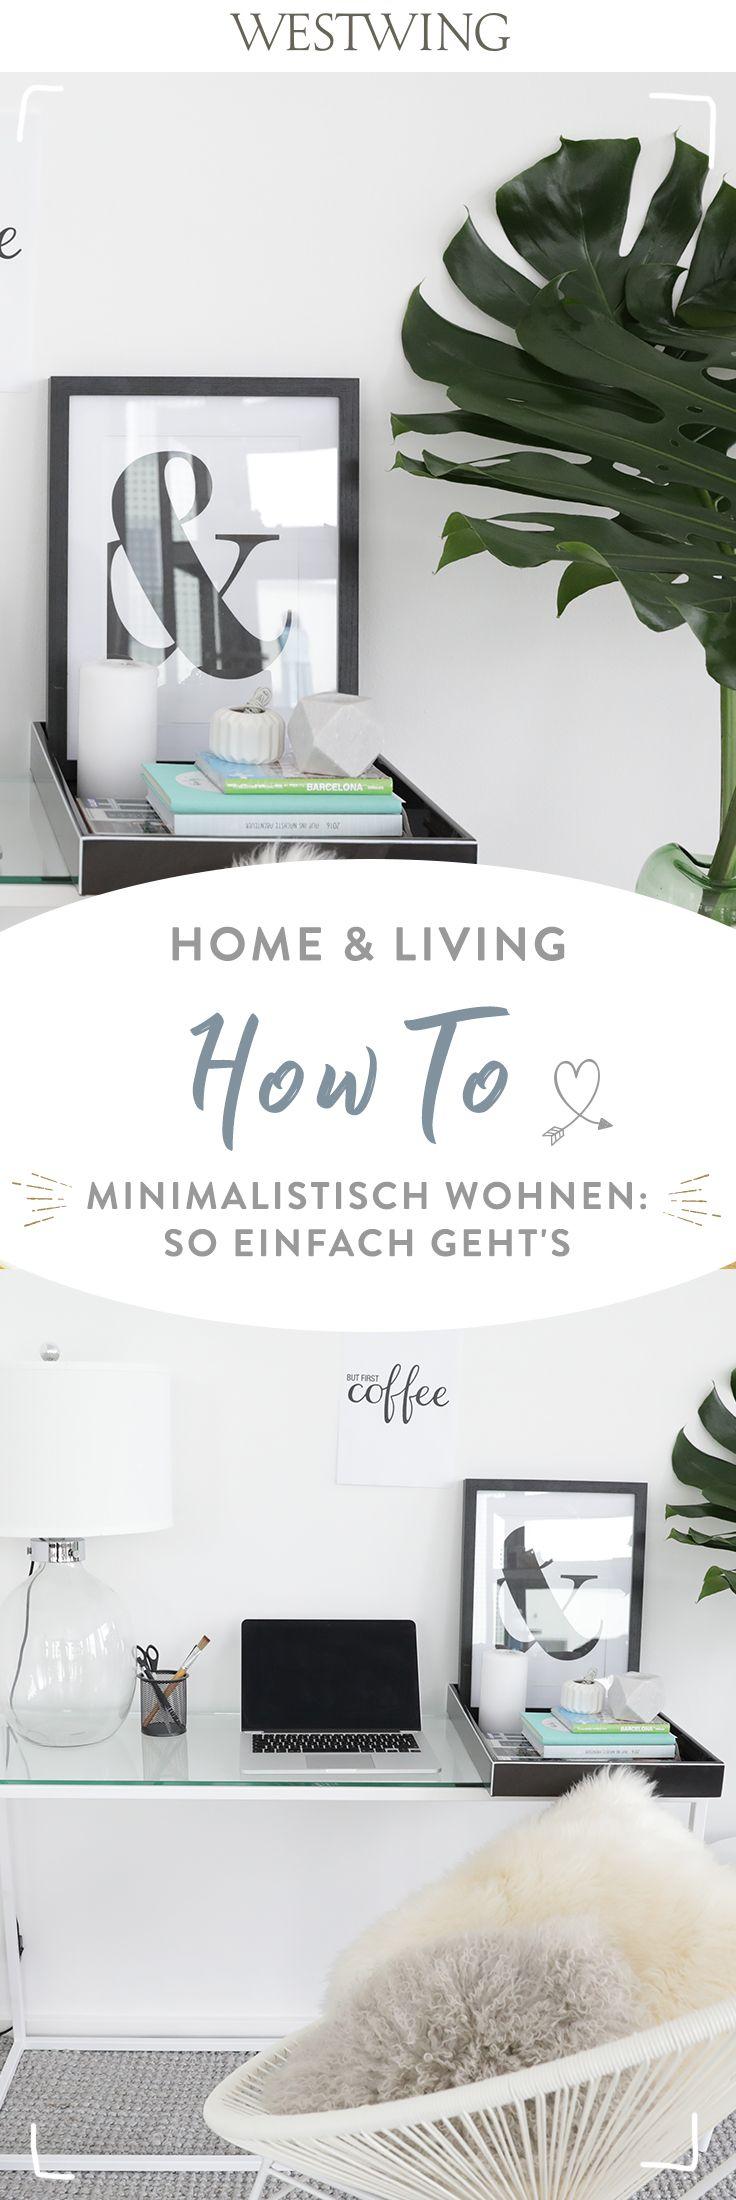 die besten 25 minimalistisch wohnen ideen auf pinterest kleideraufbewahrung listen zu machen. Black Bedroom Furniture Sets. Home Design Ideas